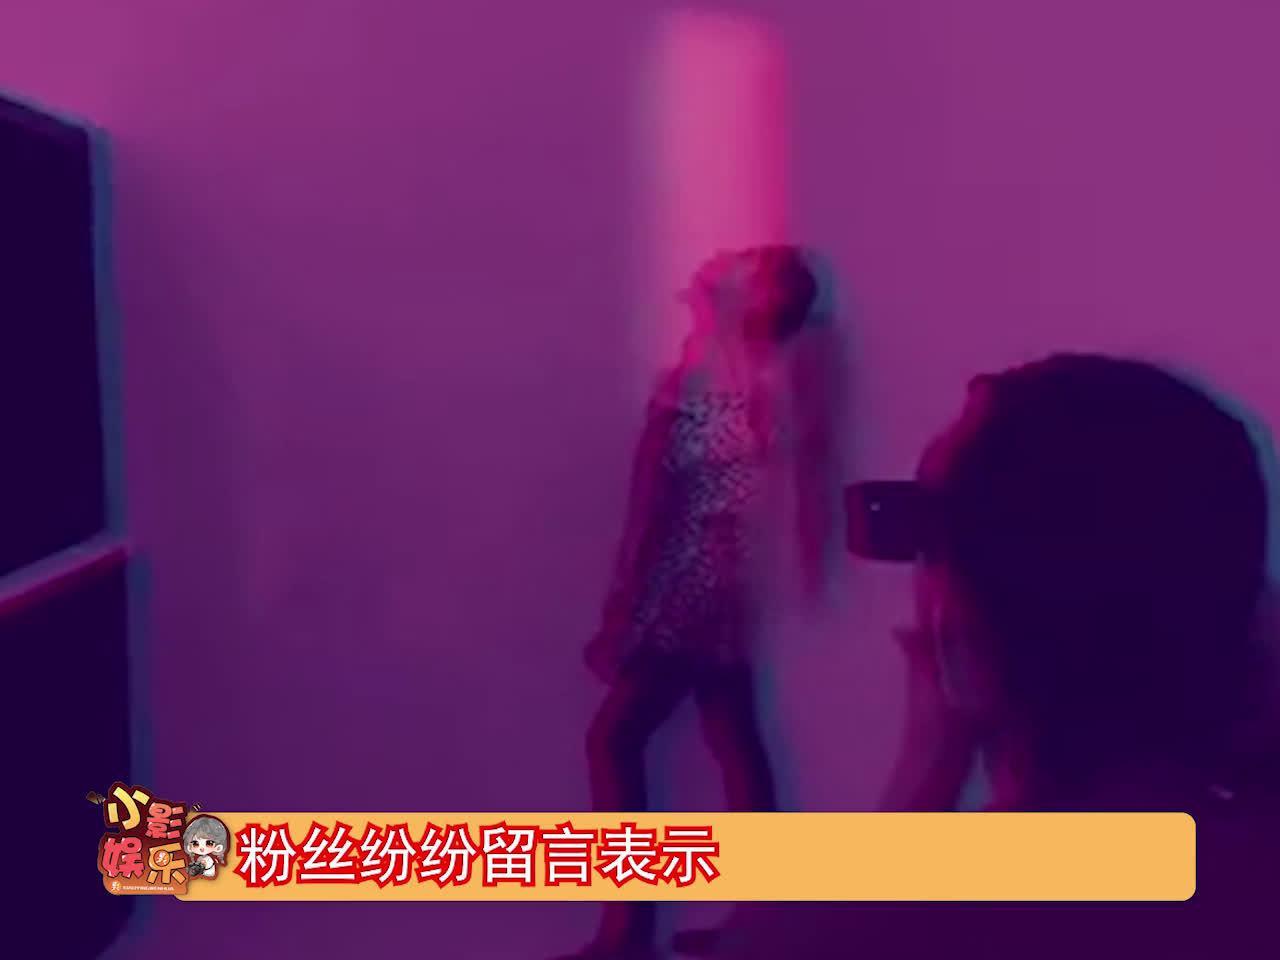 萧亚轩晒新专辑拍摄花絮,粉丝表示看到你这么俏皮我就放心了